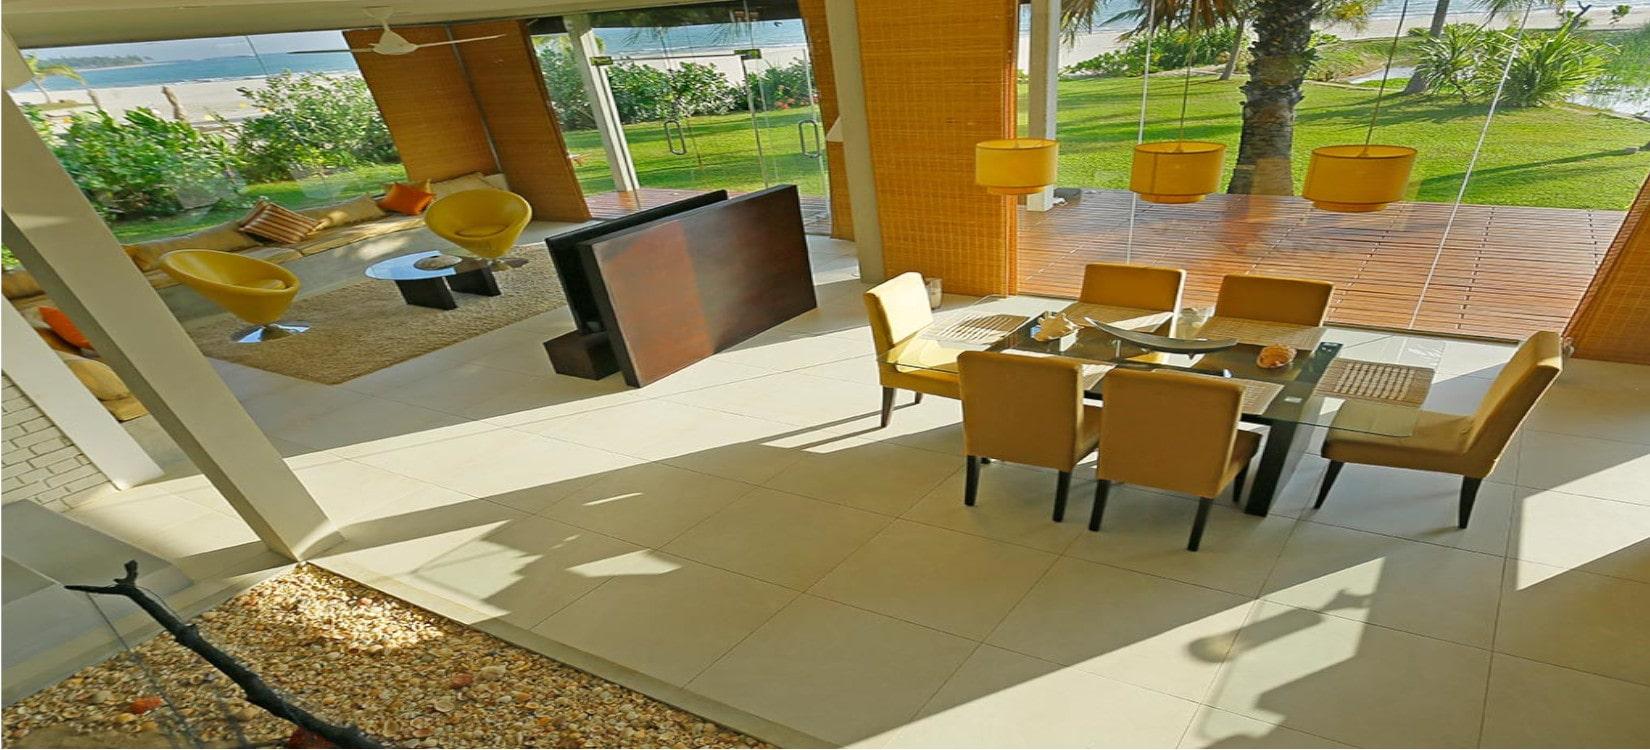 beach villa uga bay srilanka-min